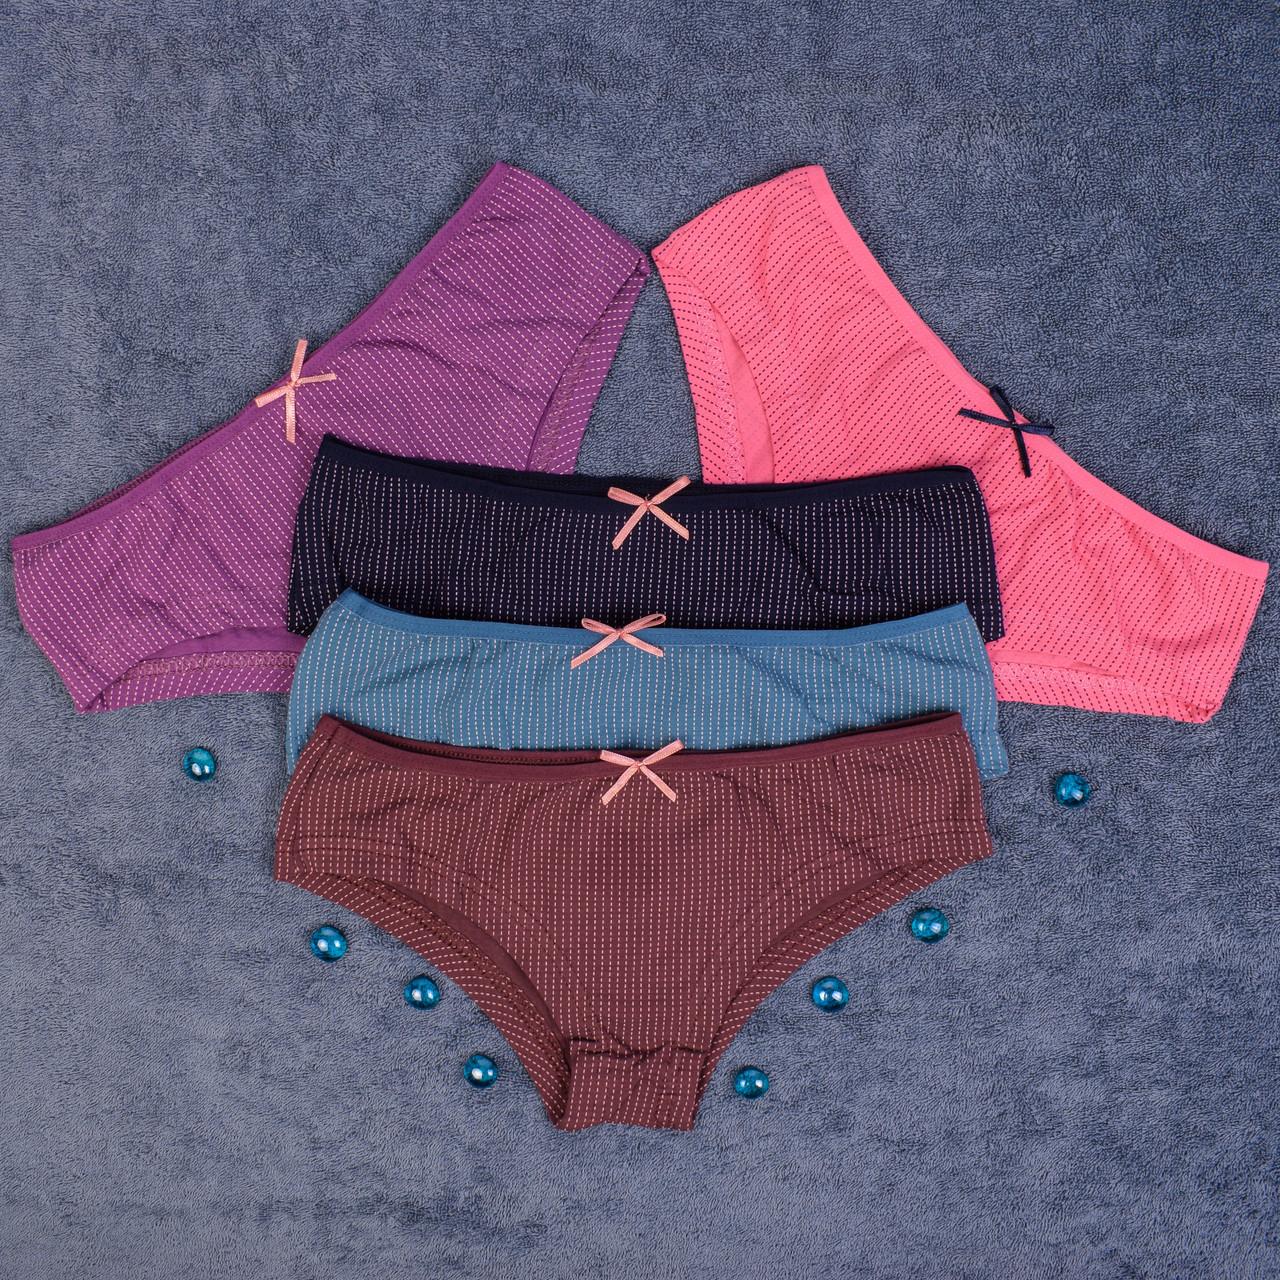 Женское нижнее белье. Donella 39443 L. Размер 46-48. В упаковке 5 шт.